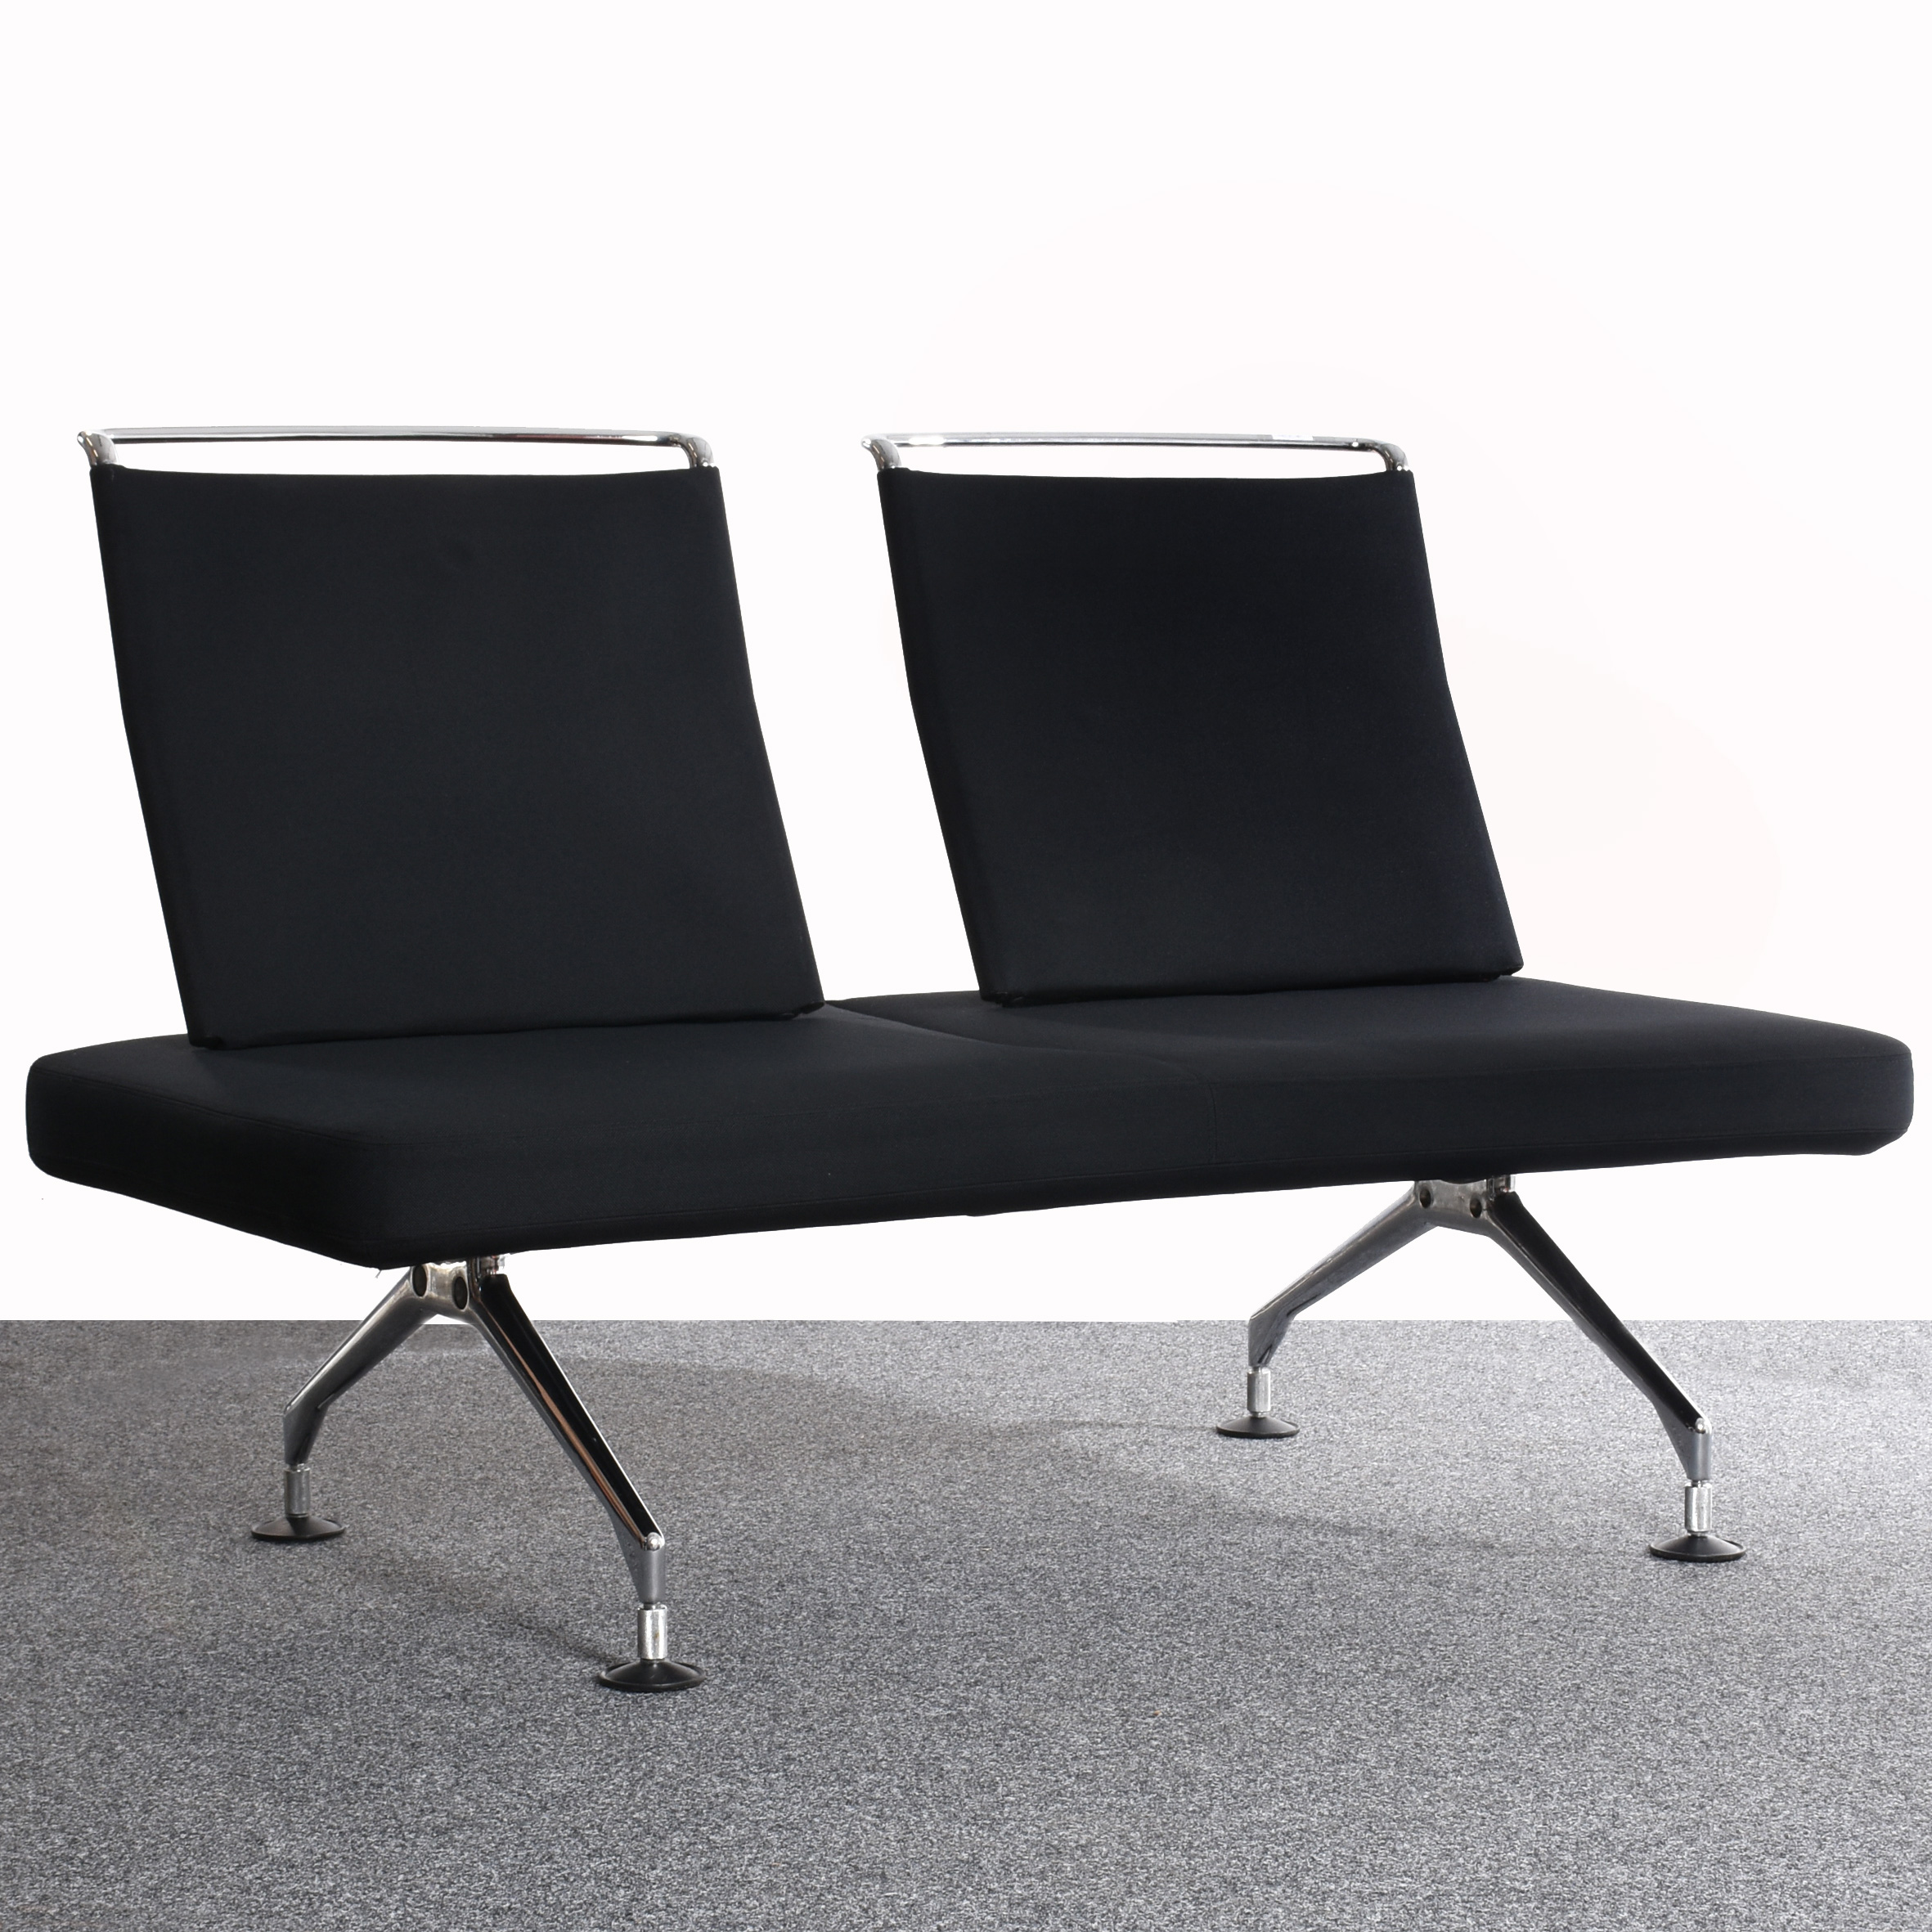 vitra area zweisitzer sofa lounge textilbezug schwarz chrom gestell gebraucht. Black Bedroom Furniture Sets. Home Design Ideas